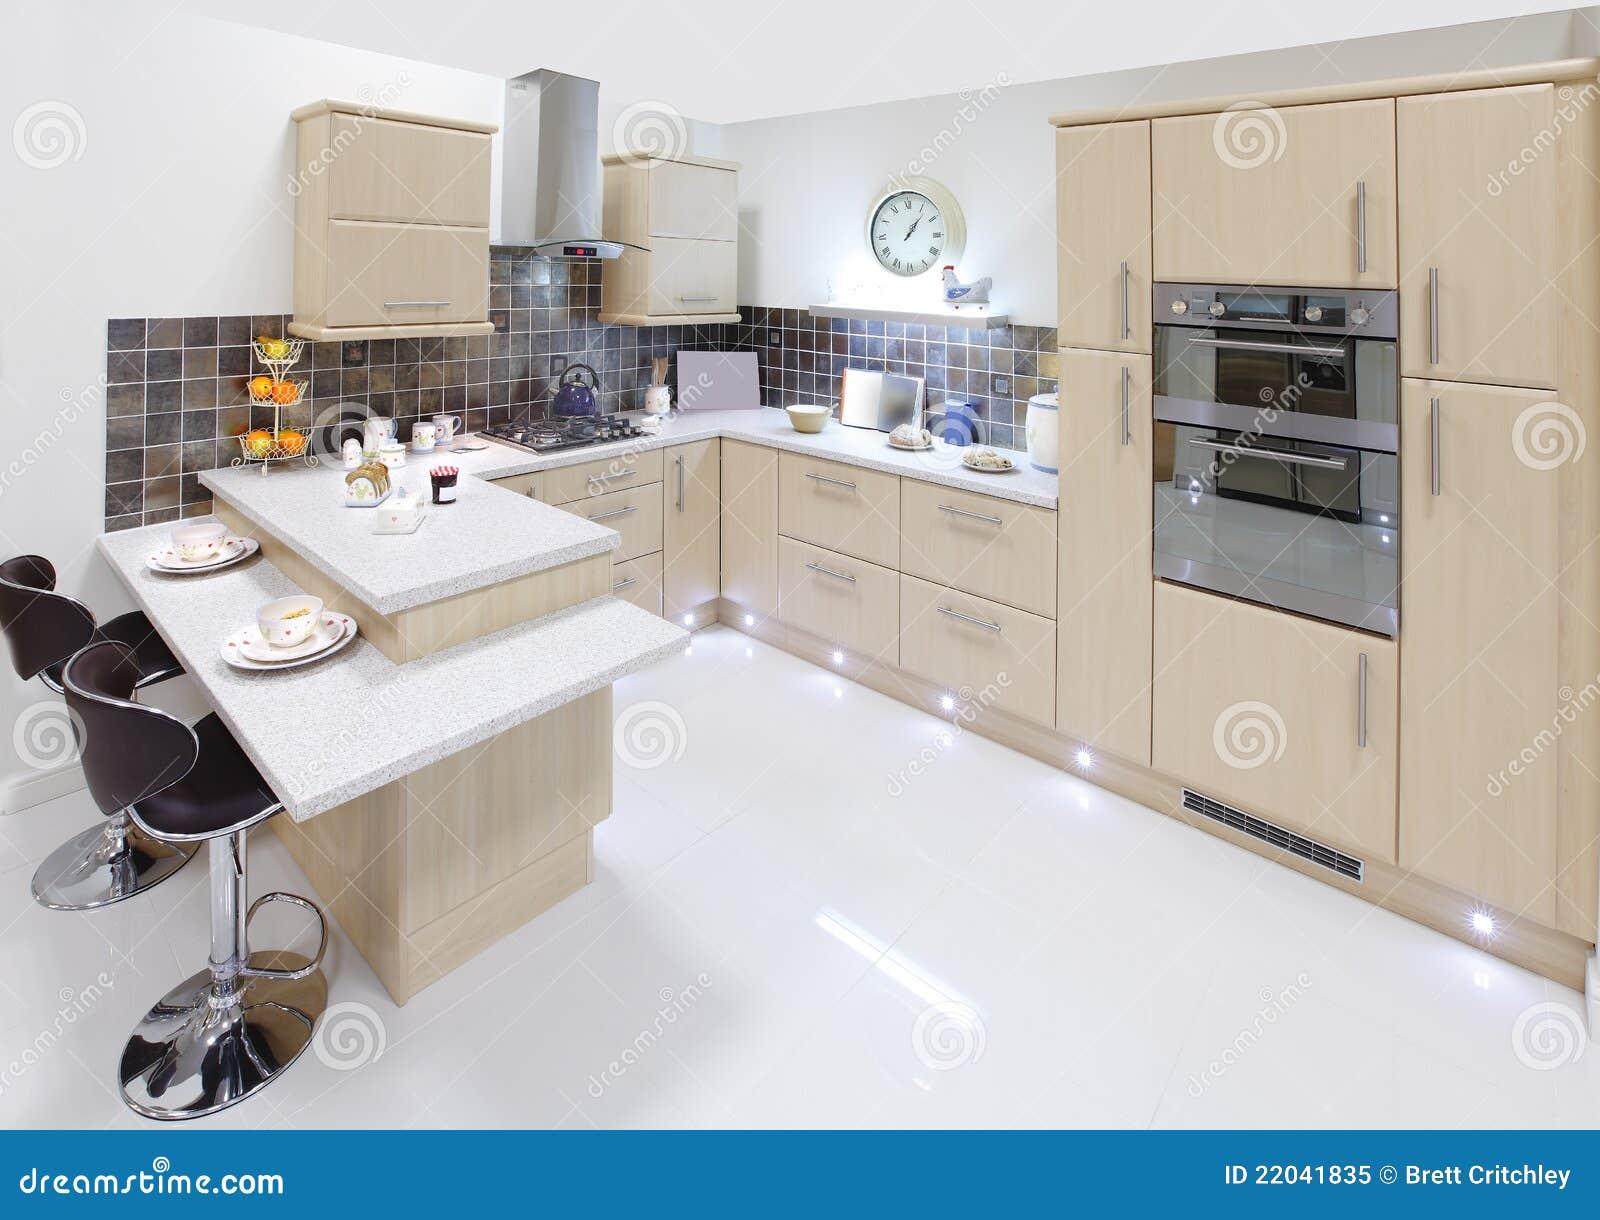 Cuisine intérieure à la maison moderne